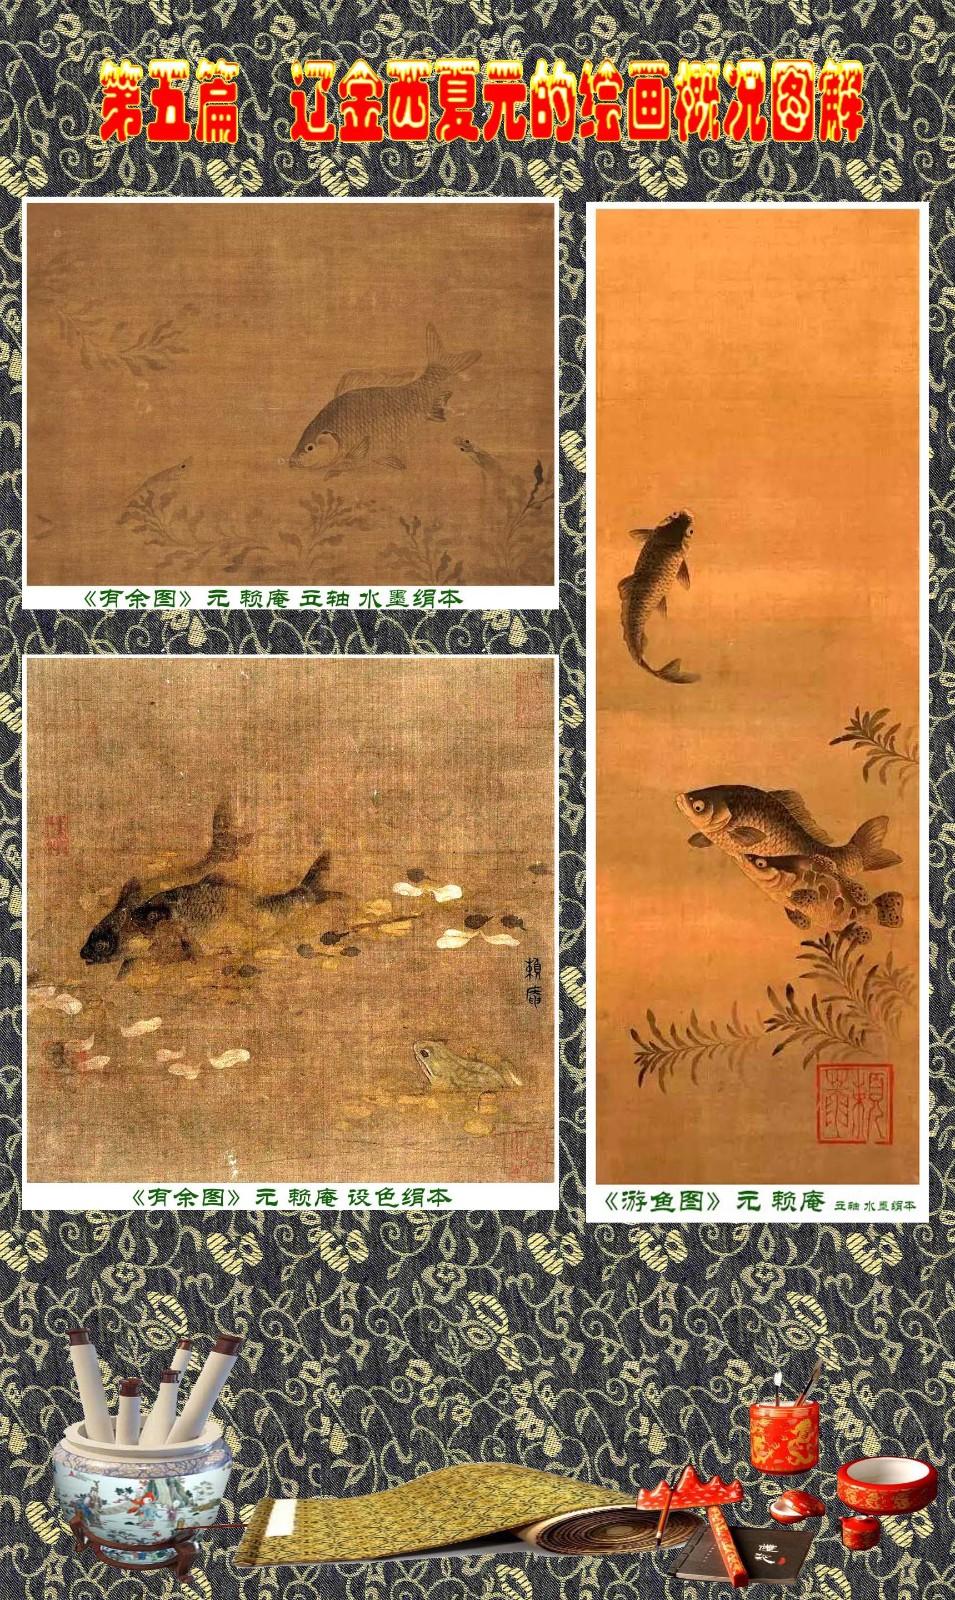 顾绍骅编辑 中国画知识普及版 第五篇 辽金西夏元的绘画概况 下 ... ..._图1-81